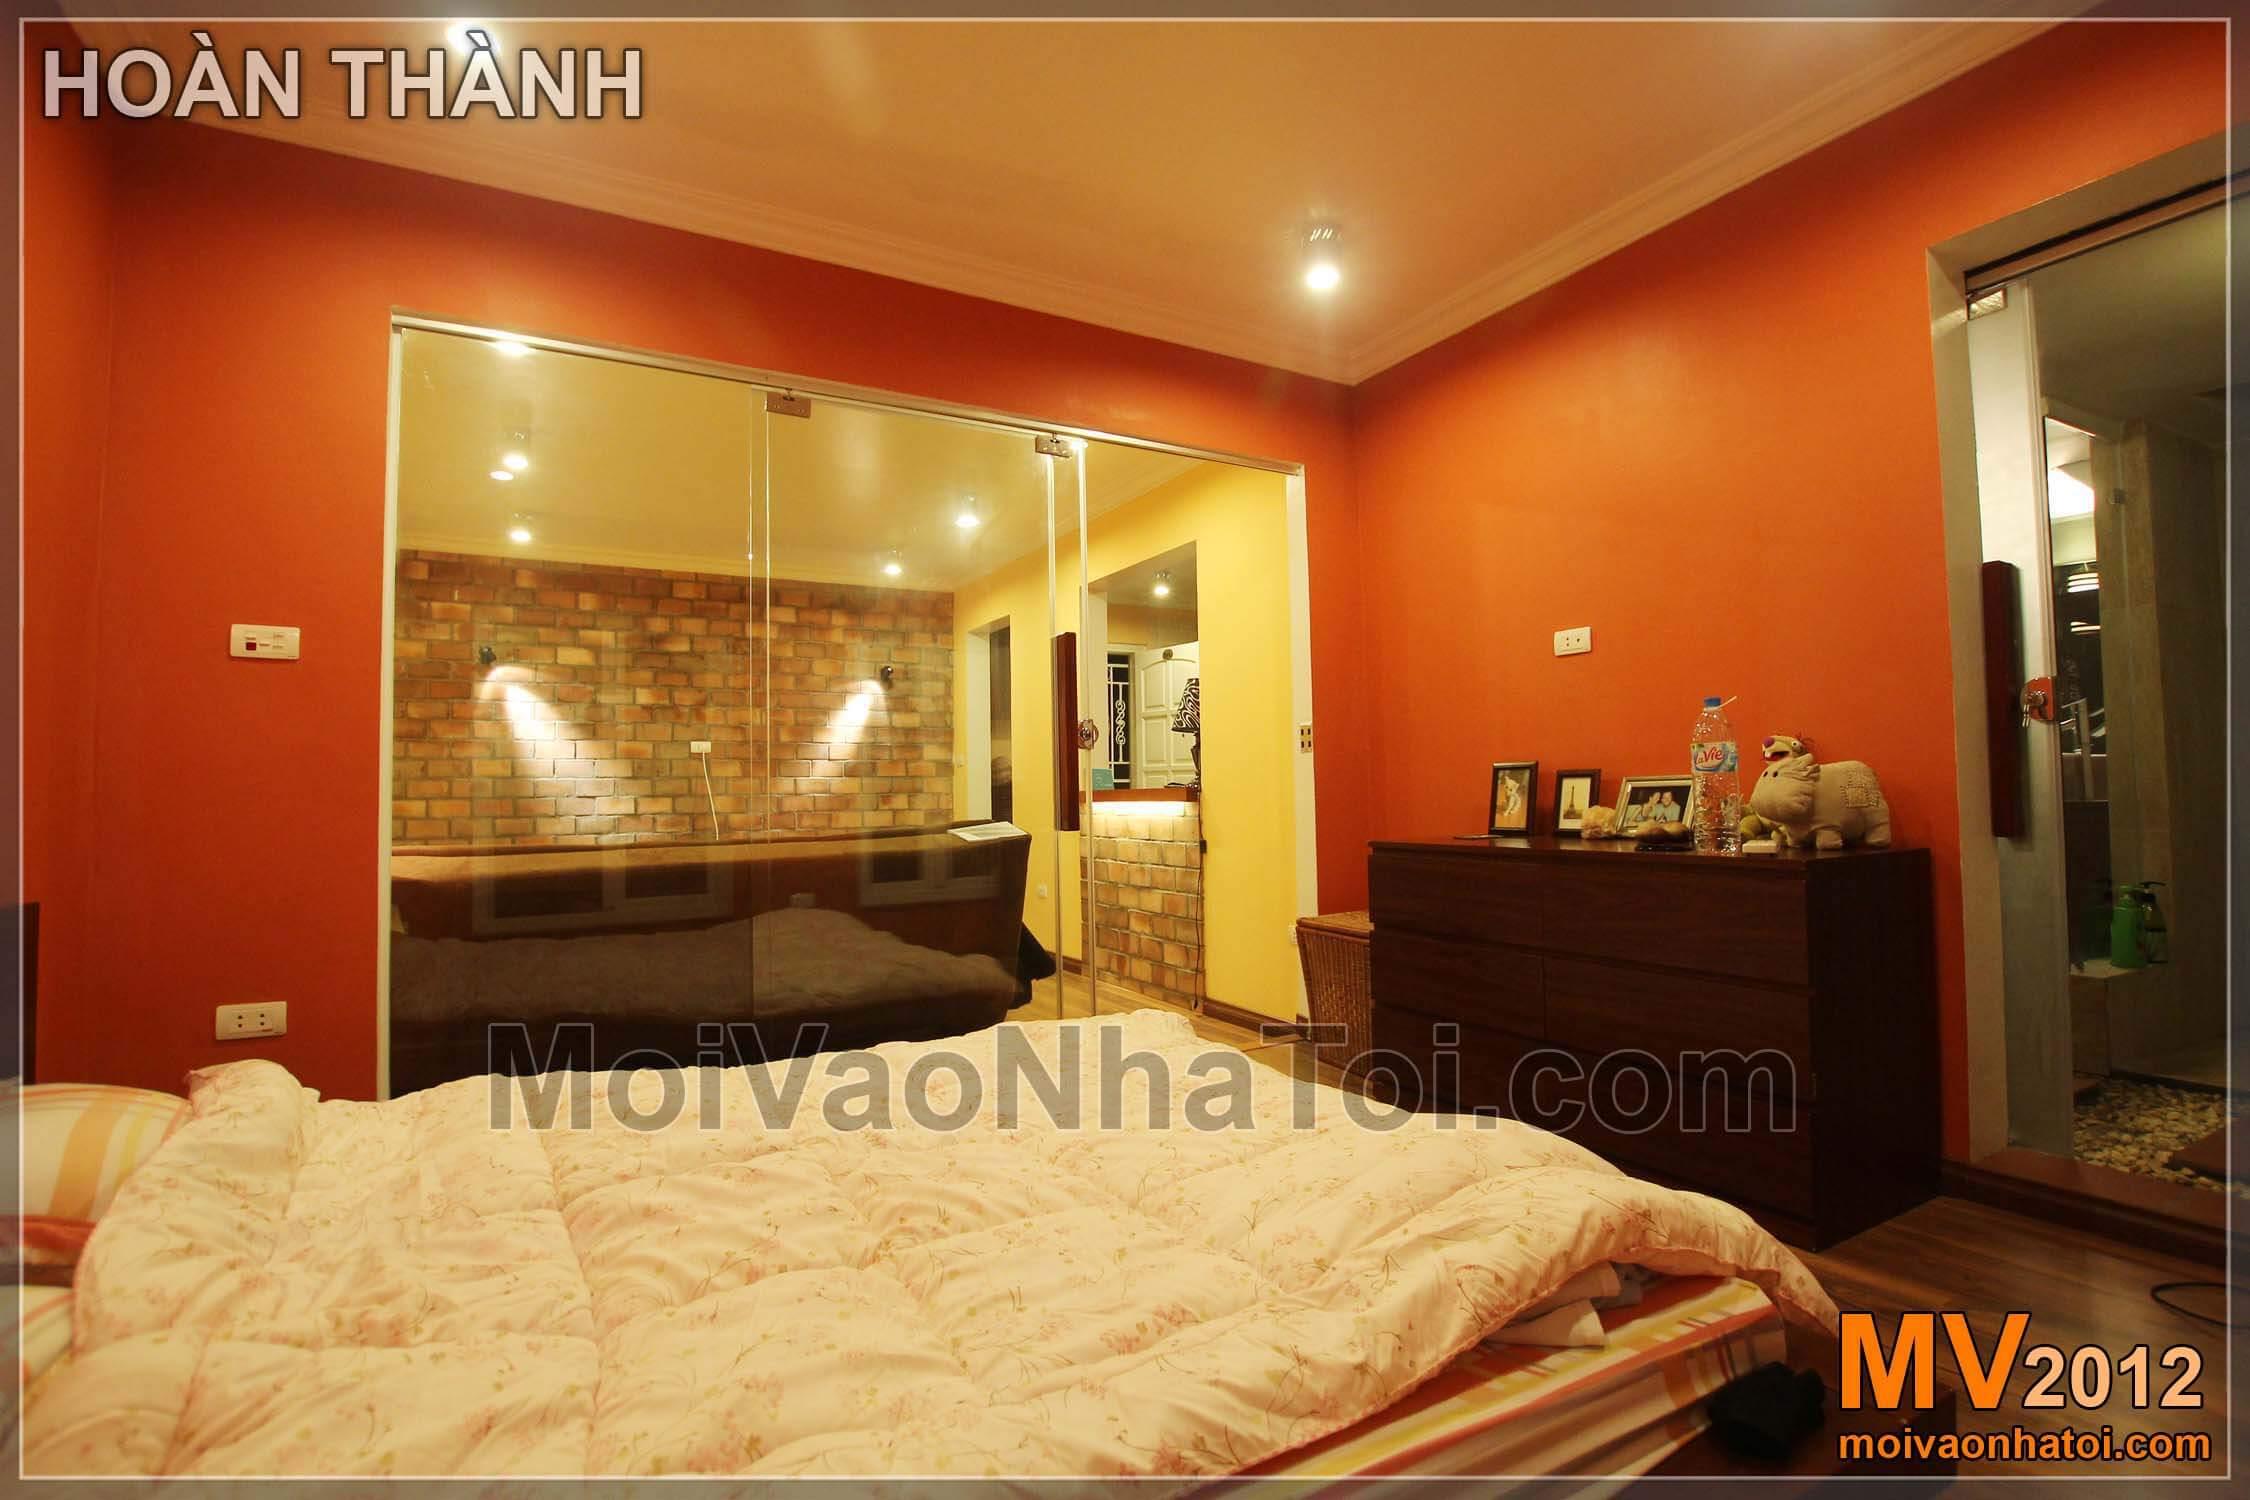 Nội thất phòng ngủ đẹp rực rỡ sắc màu